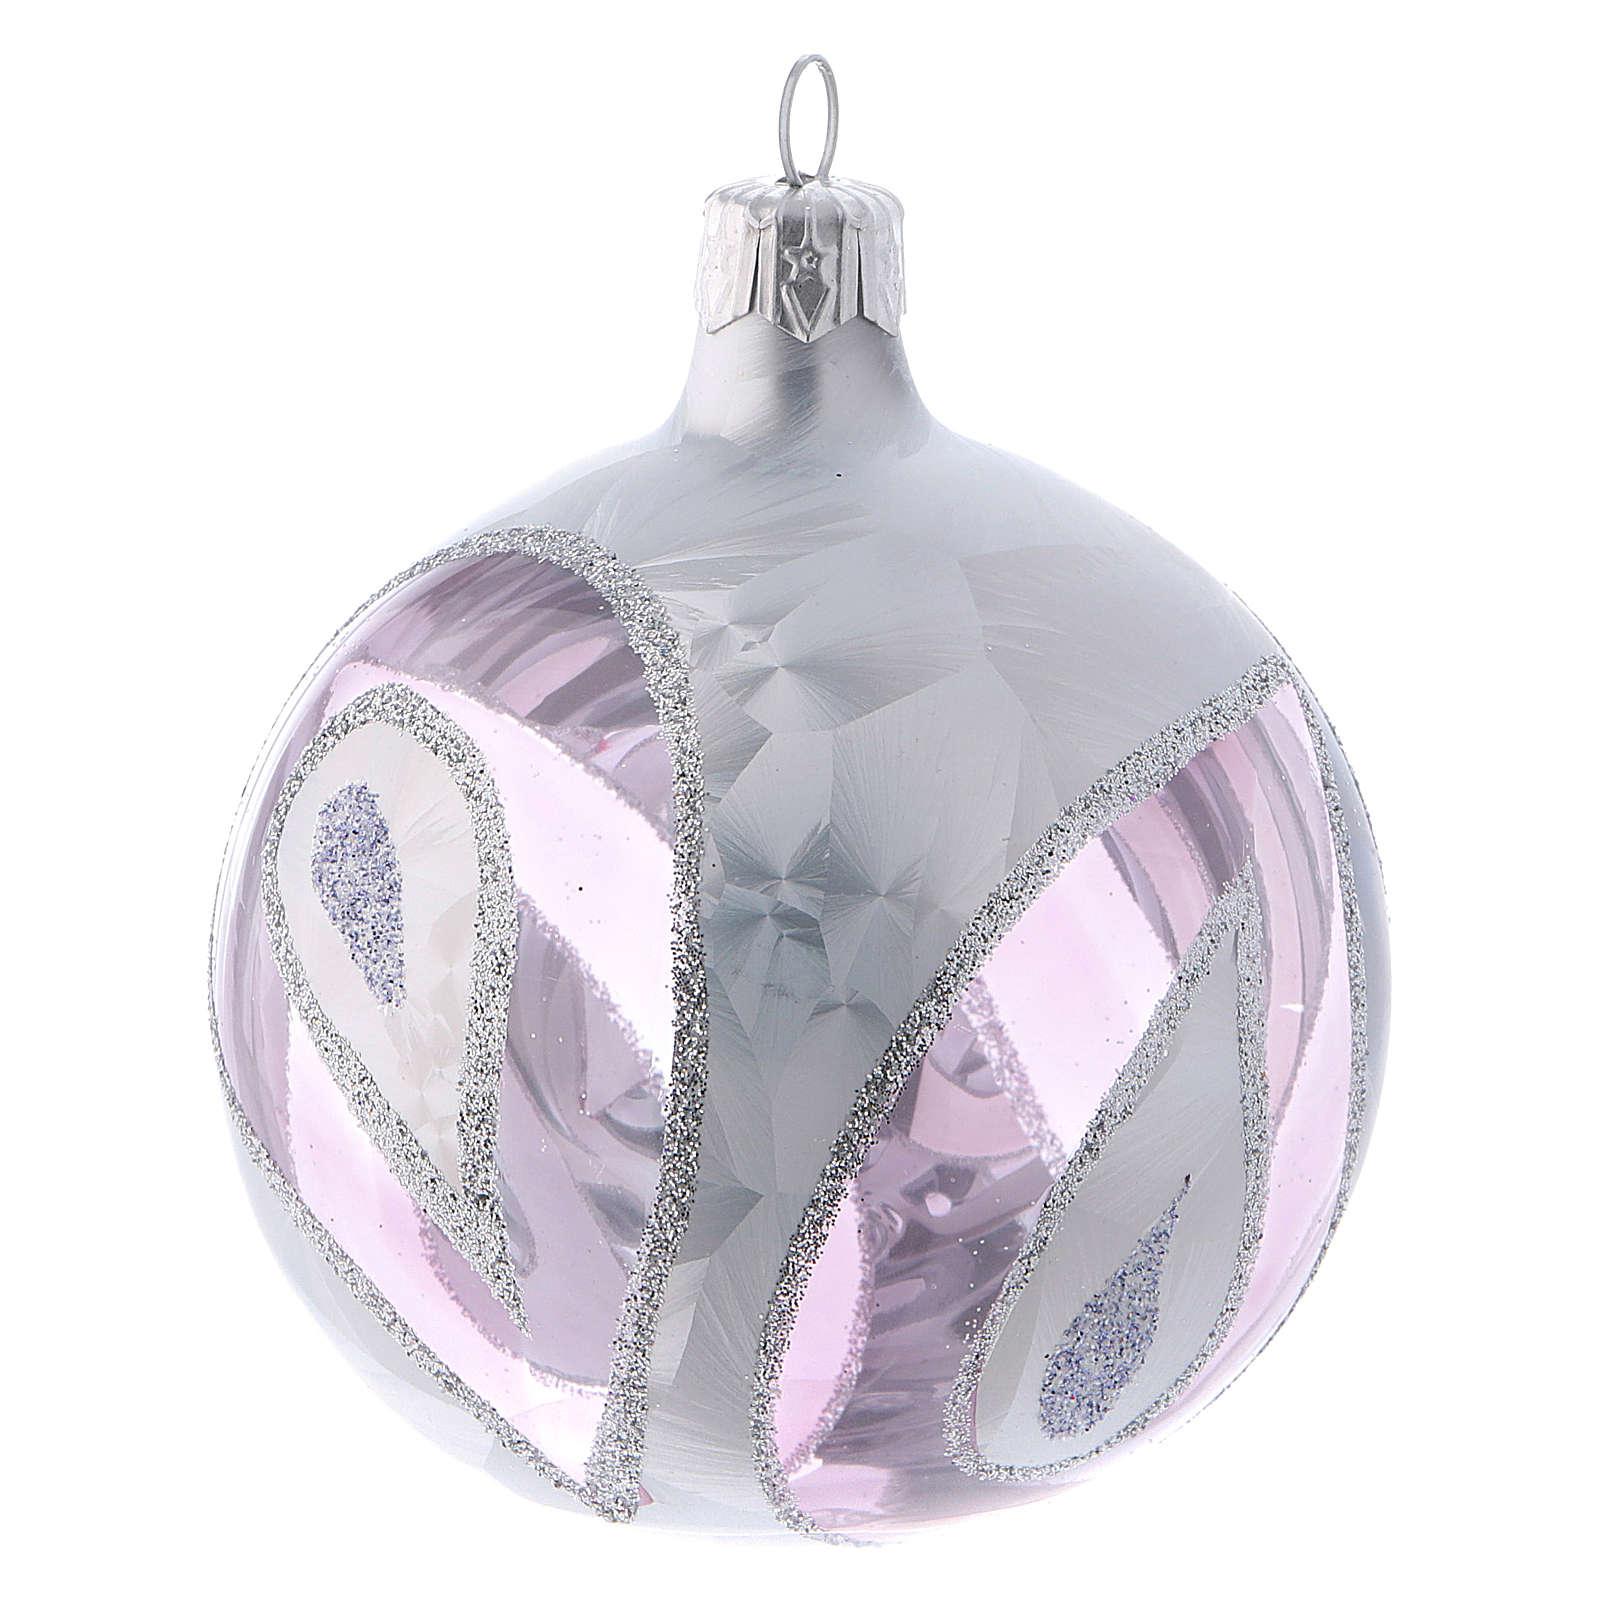 Bolas vidro transparente com adorno efeito gelo 80 mm 4 peças 4